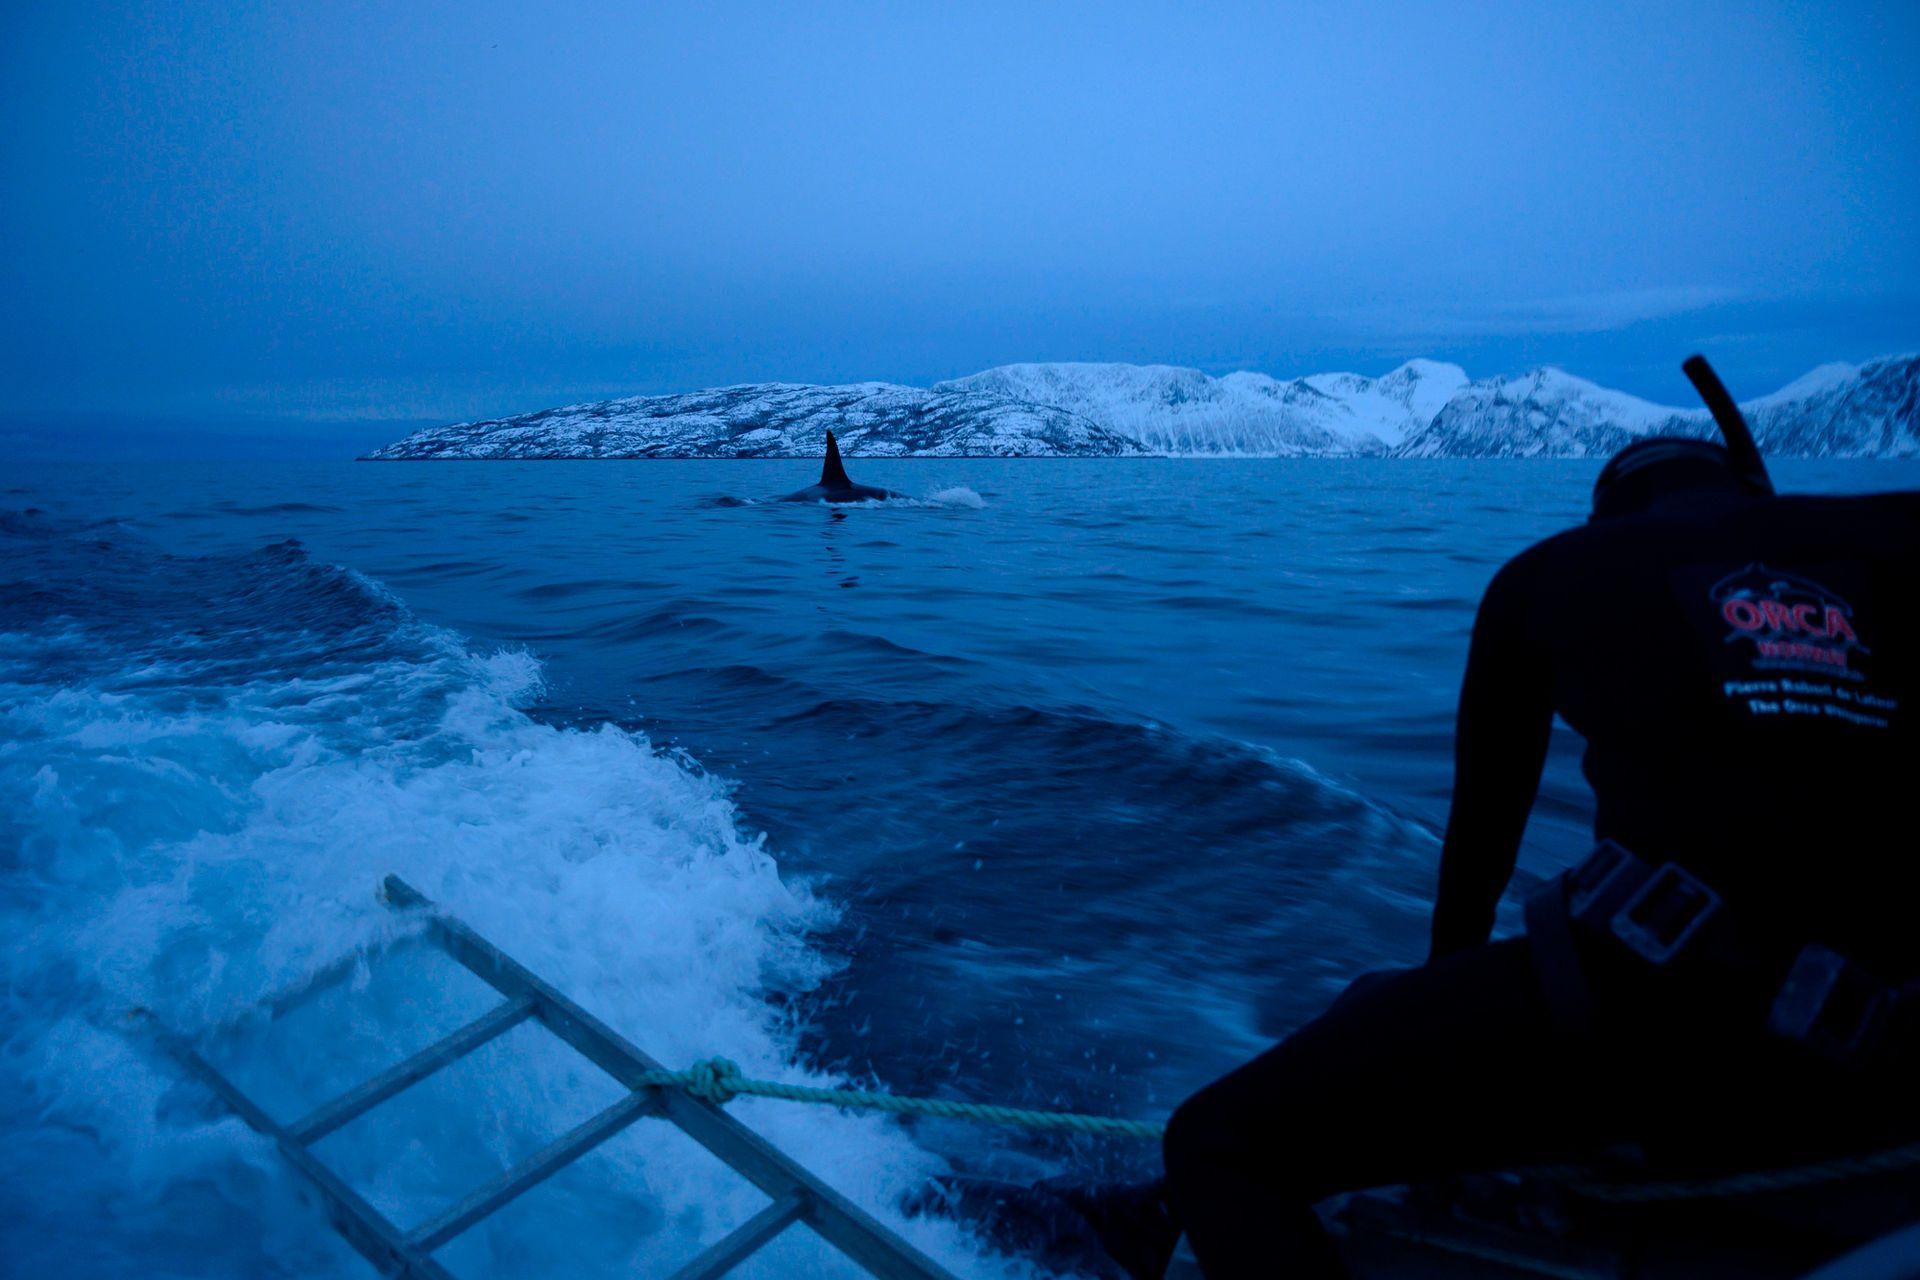 El experto en orcas francés Pierre Robert De Latour se prepara para bucear mientras una orca masculina nada en el mar de Noruega, el 14 de enero